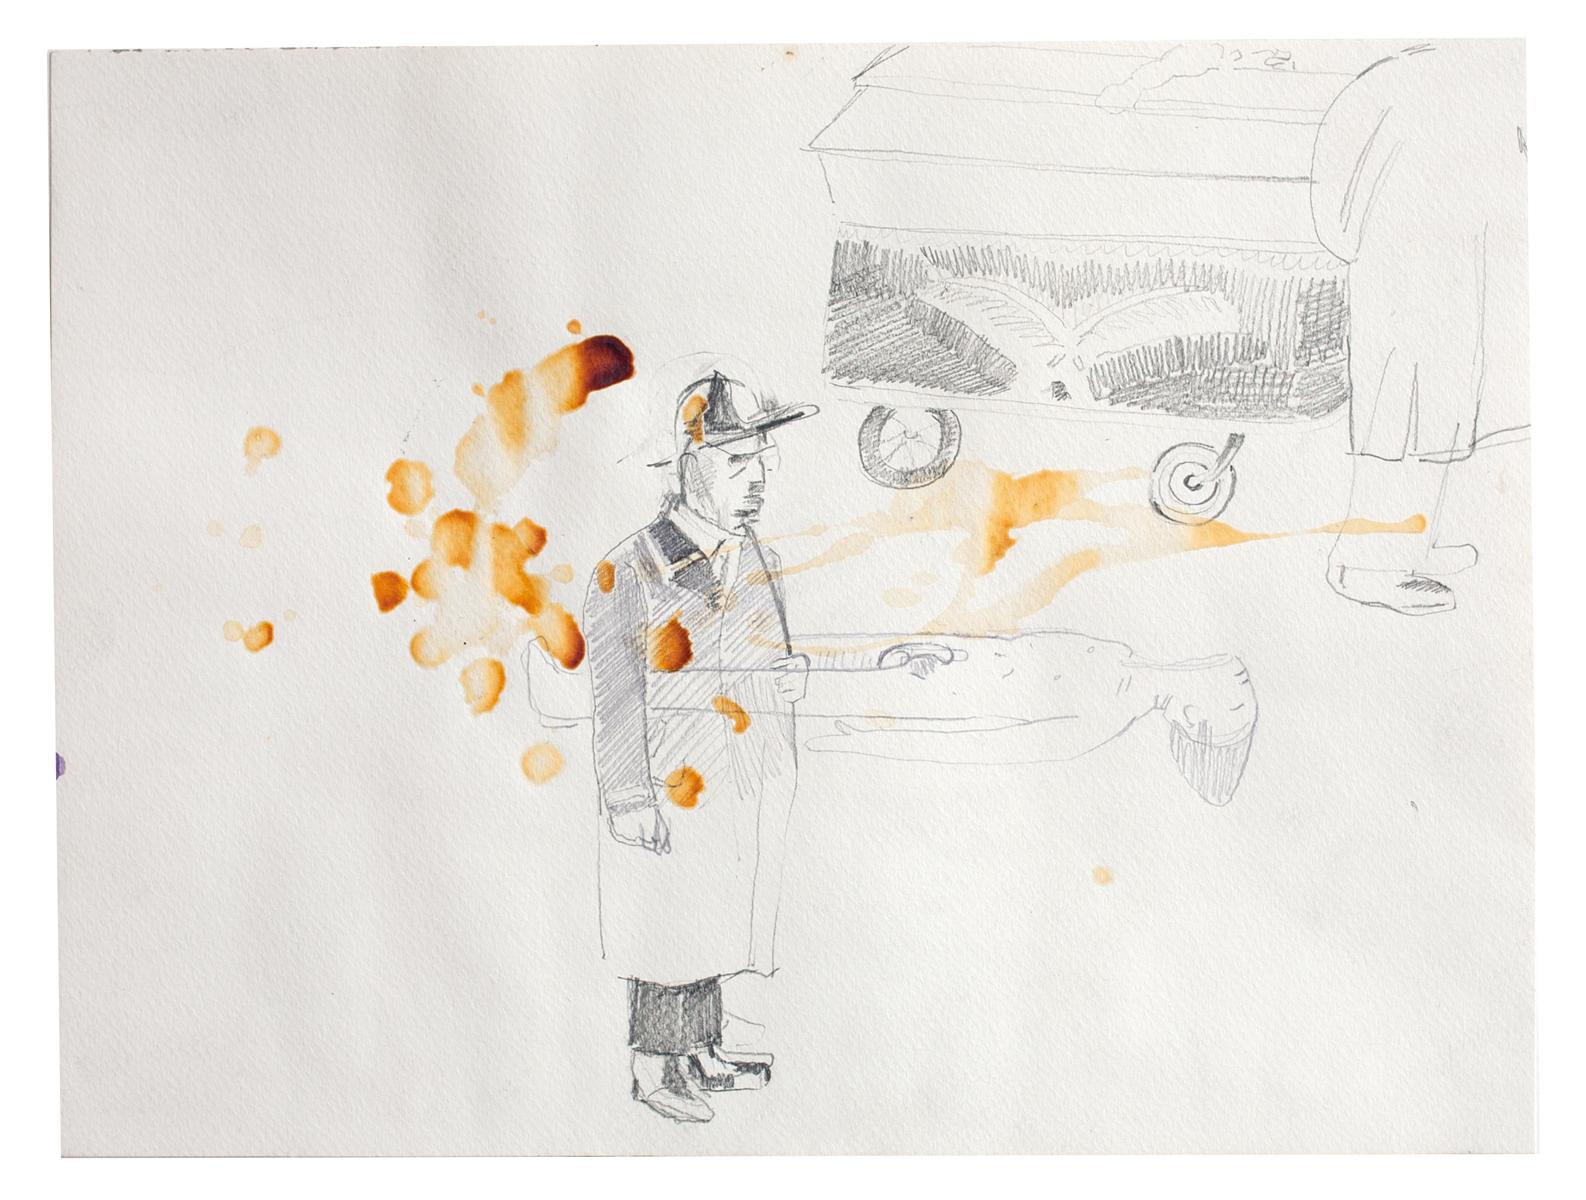 ohne Titel_2003 / 40 x 30 cm_Bleistift/Papier